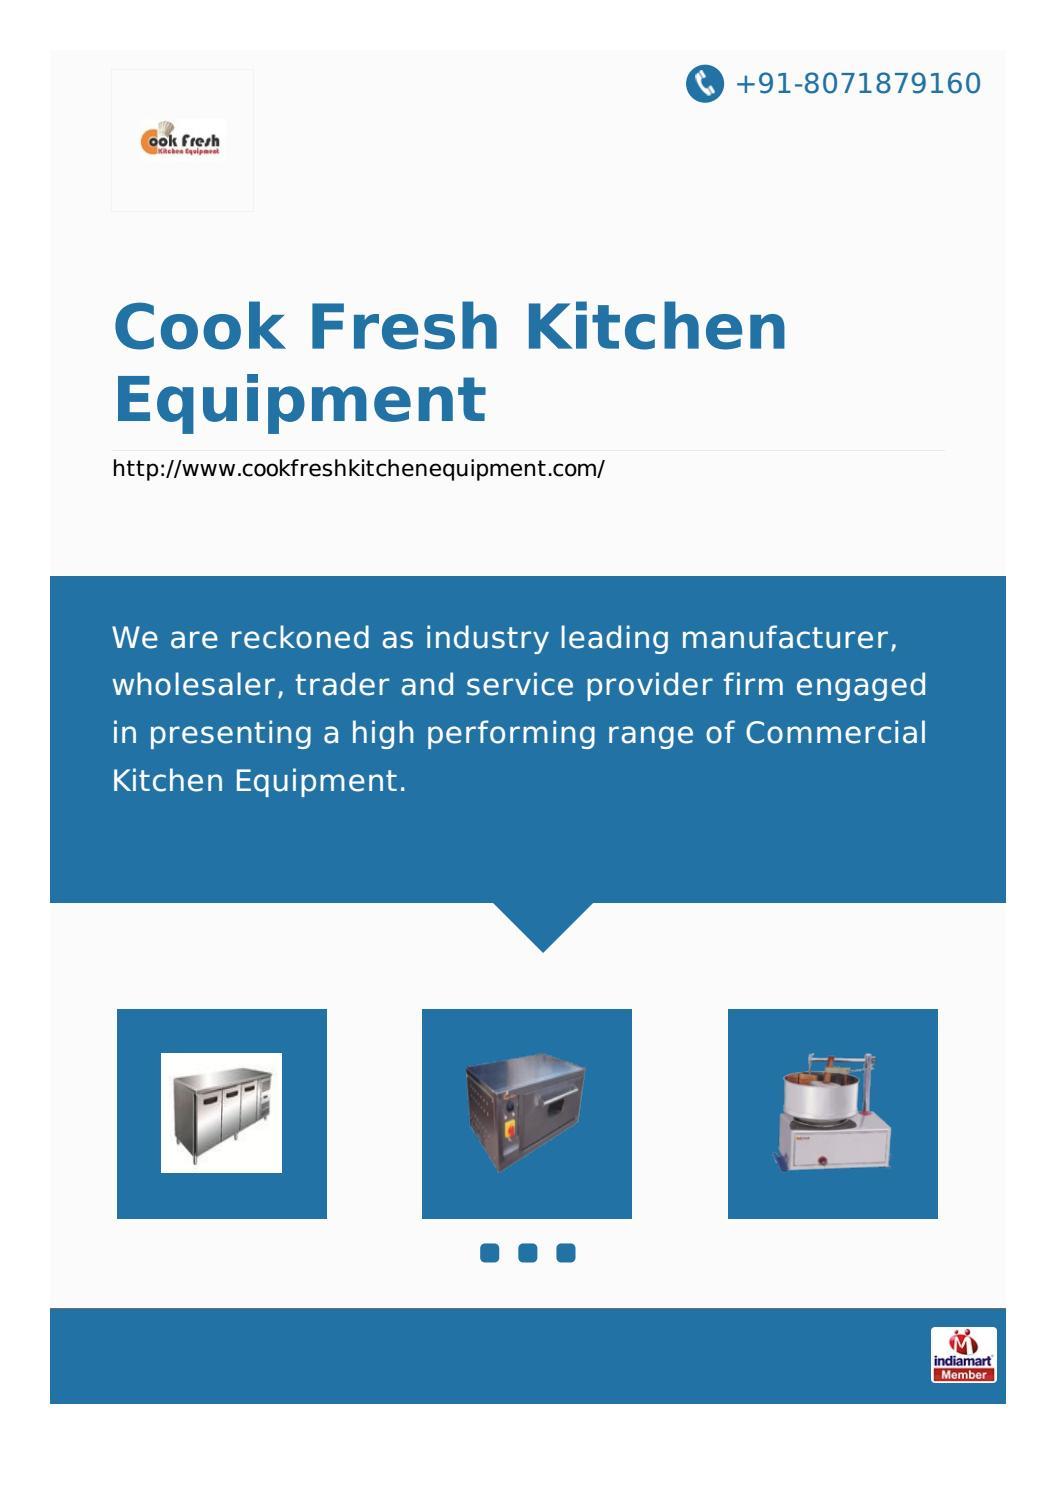 Cook fresh kitchen equipment by Cook Fresh Kitchen Equipment - issuu